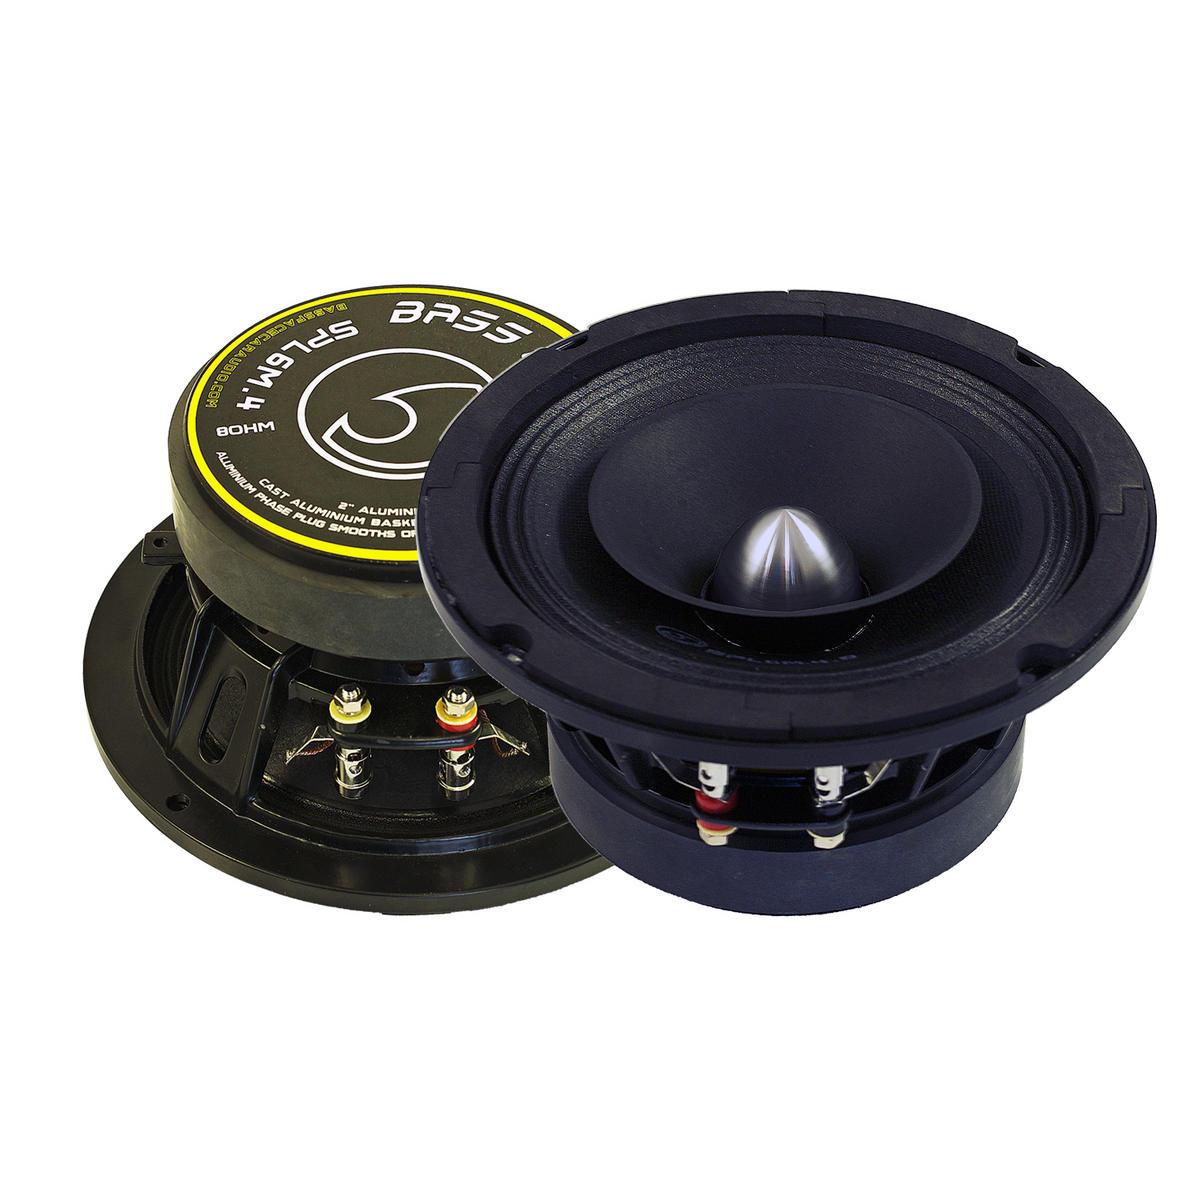 """Bassface SPL6M.4 6.5"""" 16.5cm 600w 8Ohm Midbass Drivers Car Speakers SQ SPL Pair"""